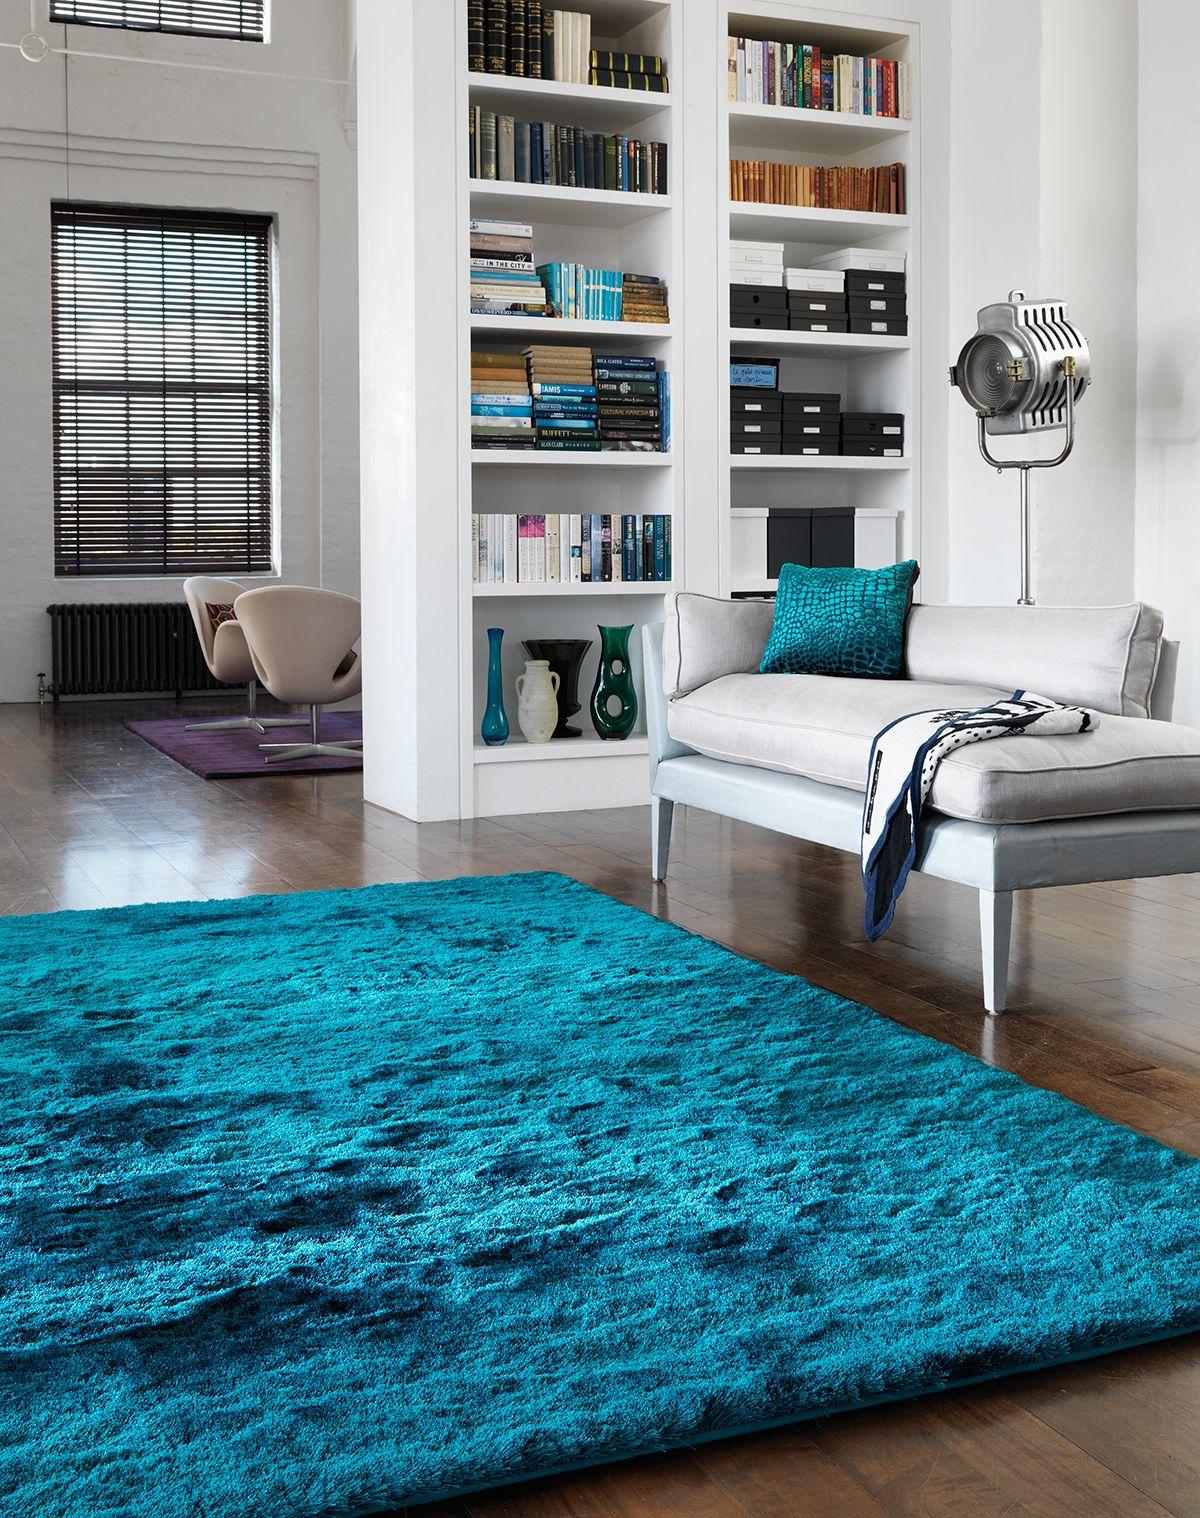 Whisper Dark Teal Rug Rugs In Living Room Dining Room Teal Grey Carpet Bedroom Teal carpet living room